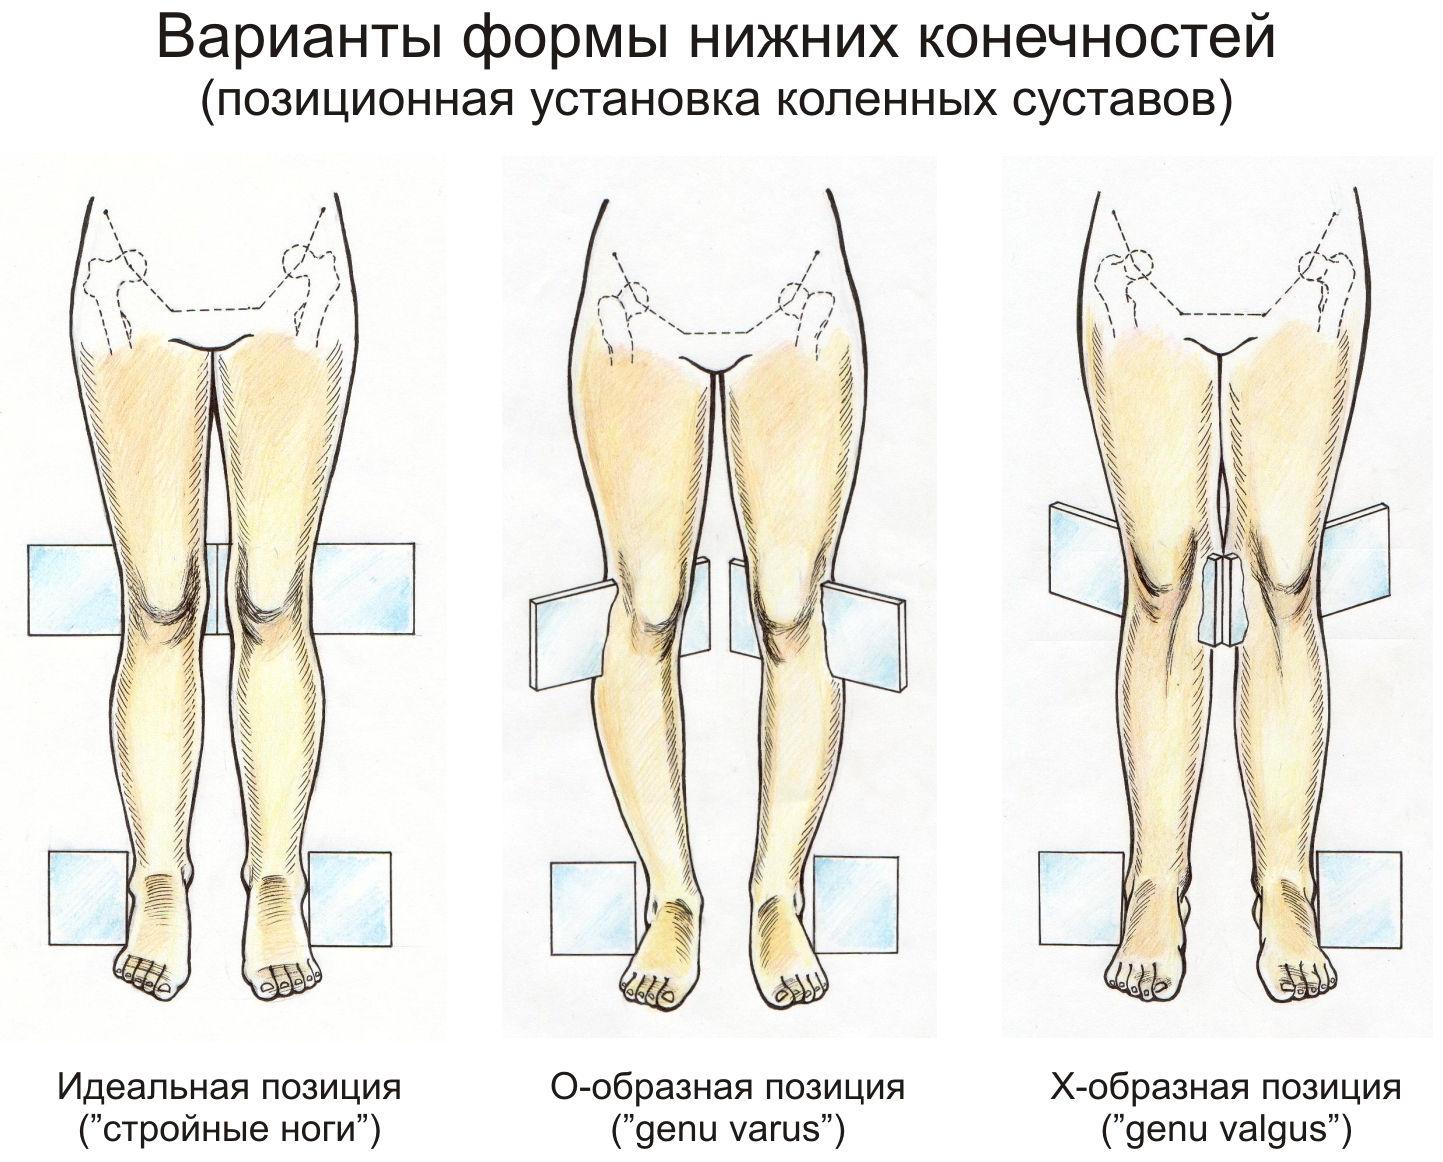 Деформации нижних конечностей